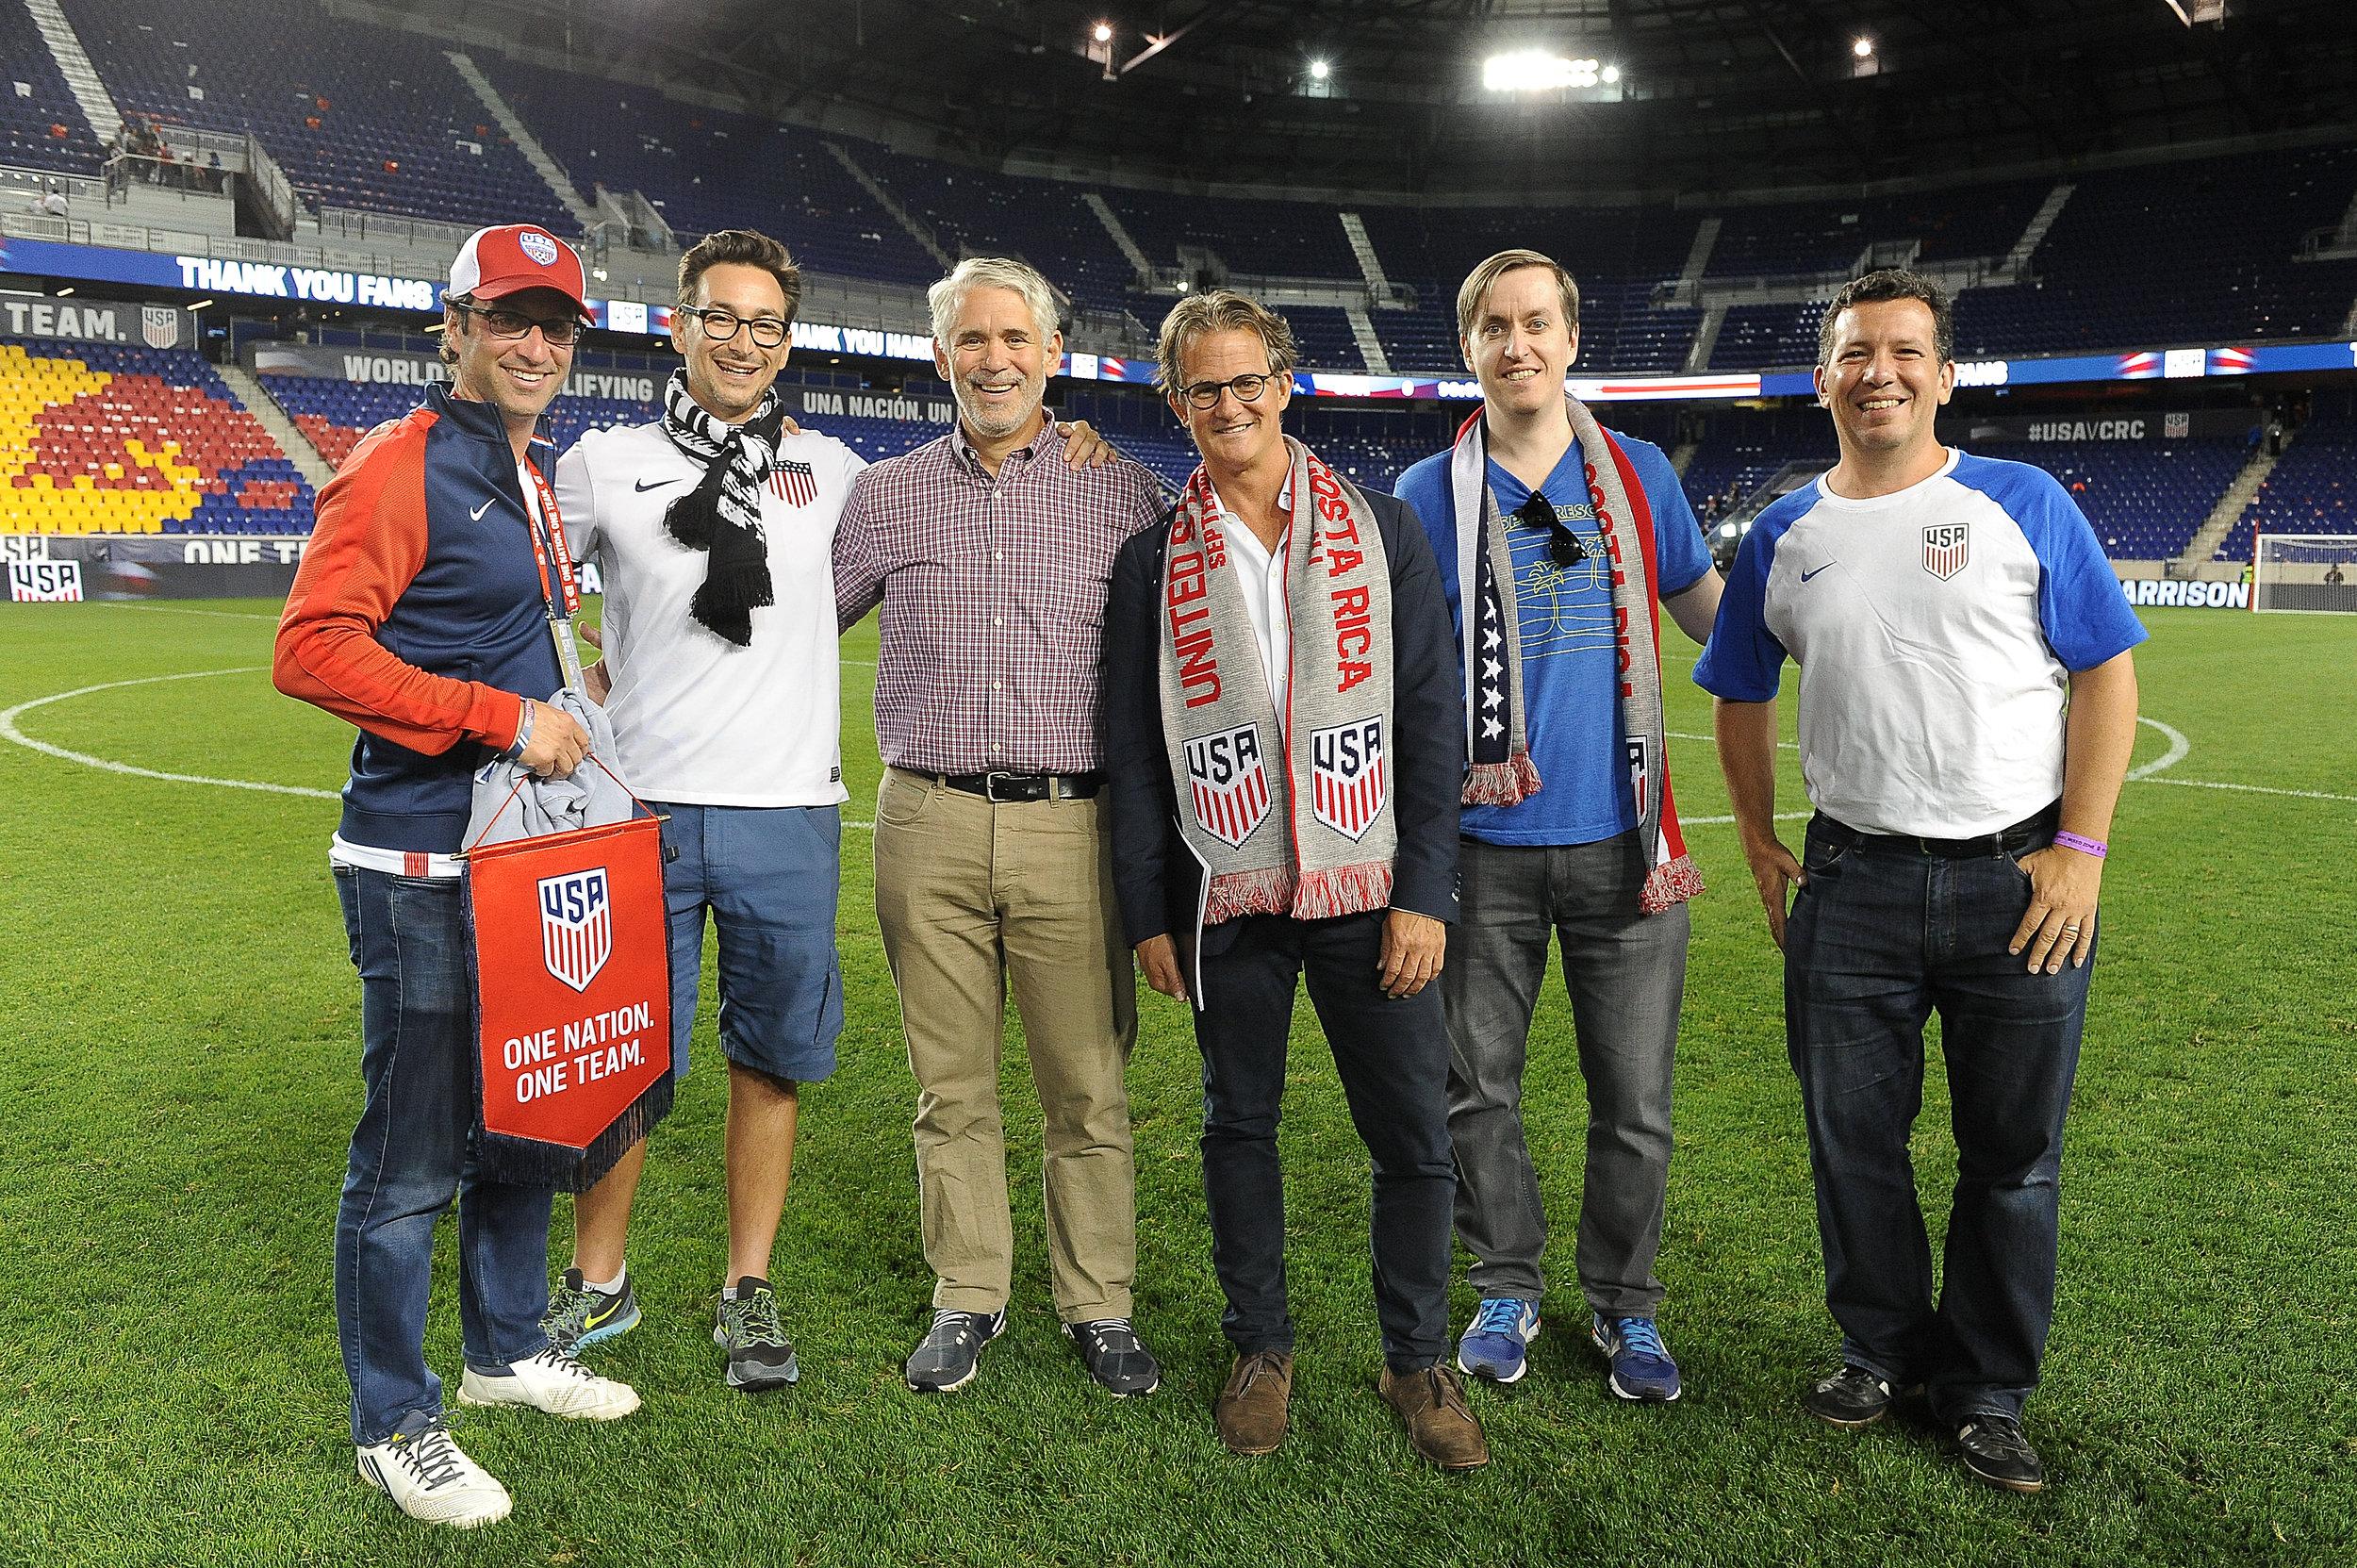 us_soccer_images_042_4.jpg